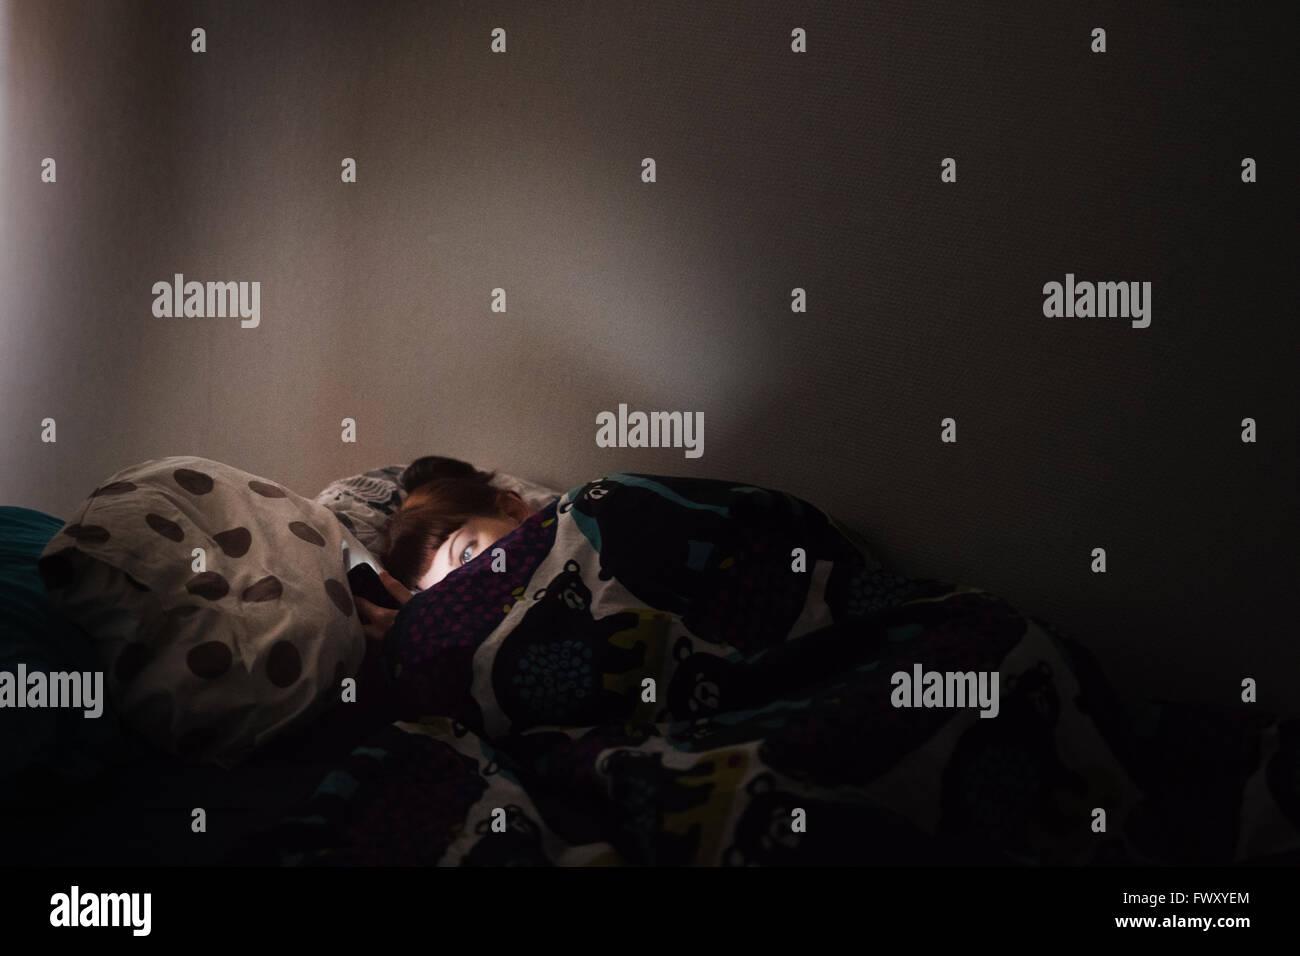 Finnland, junge Frau im Bett liegend und mit Telefon Stockbild